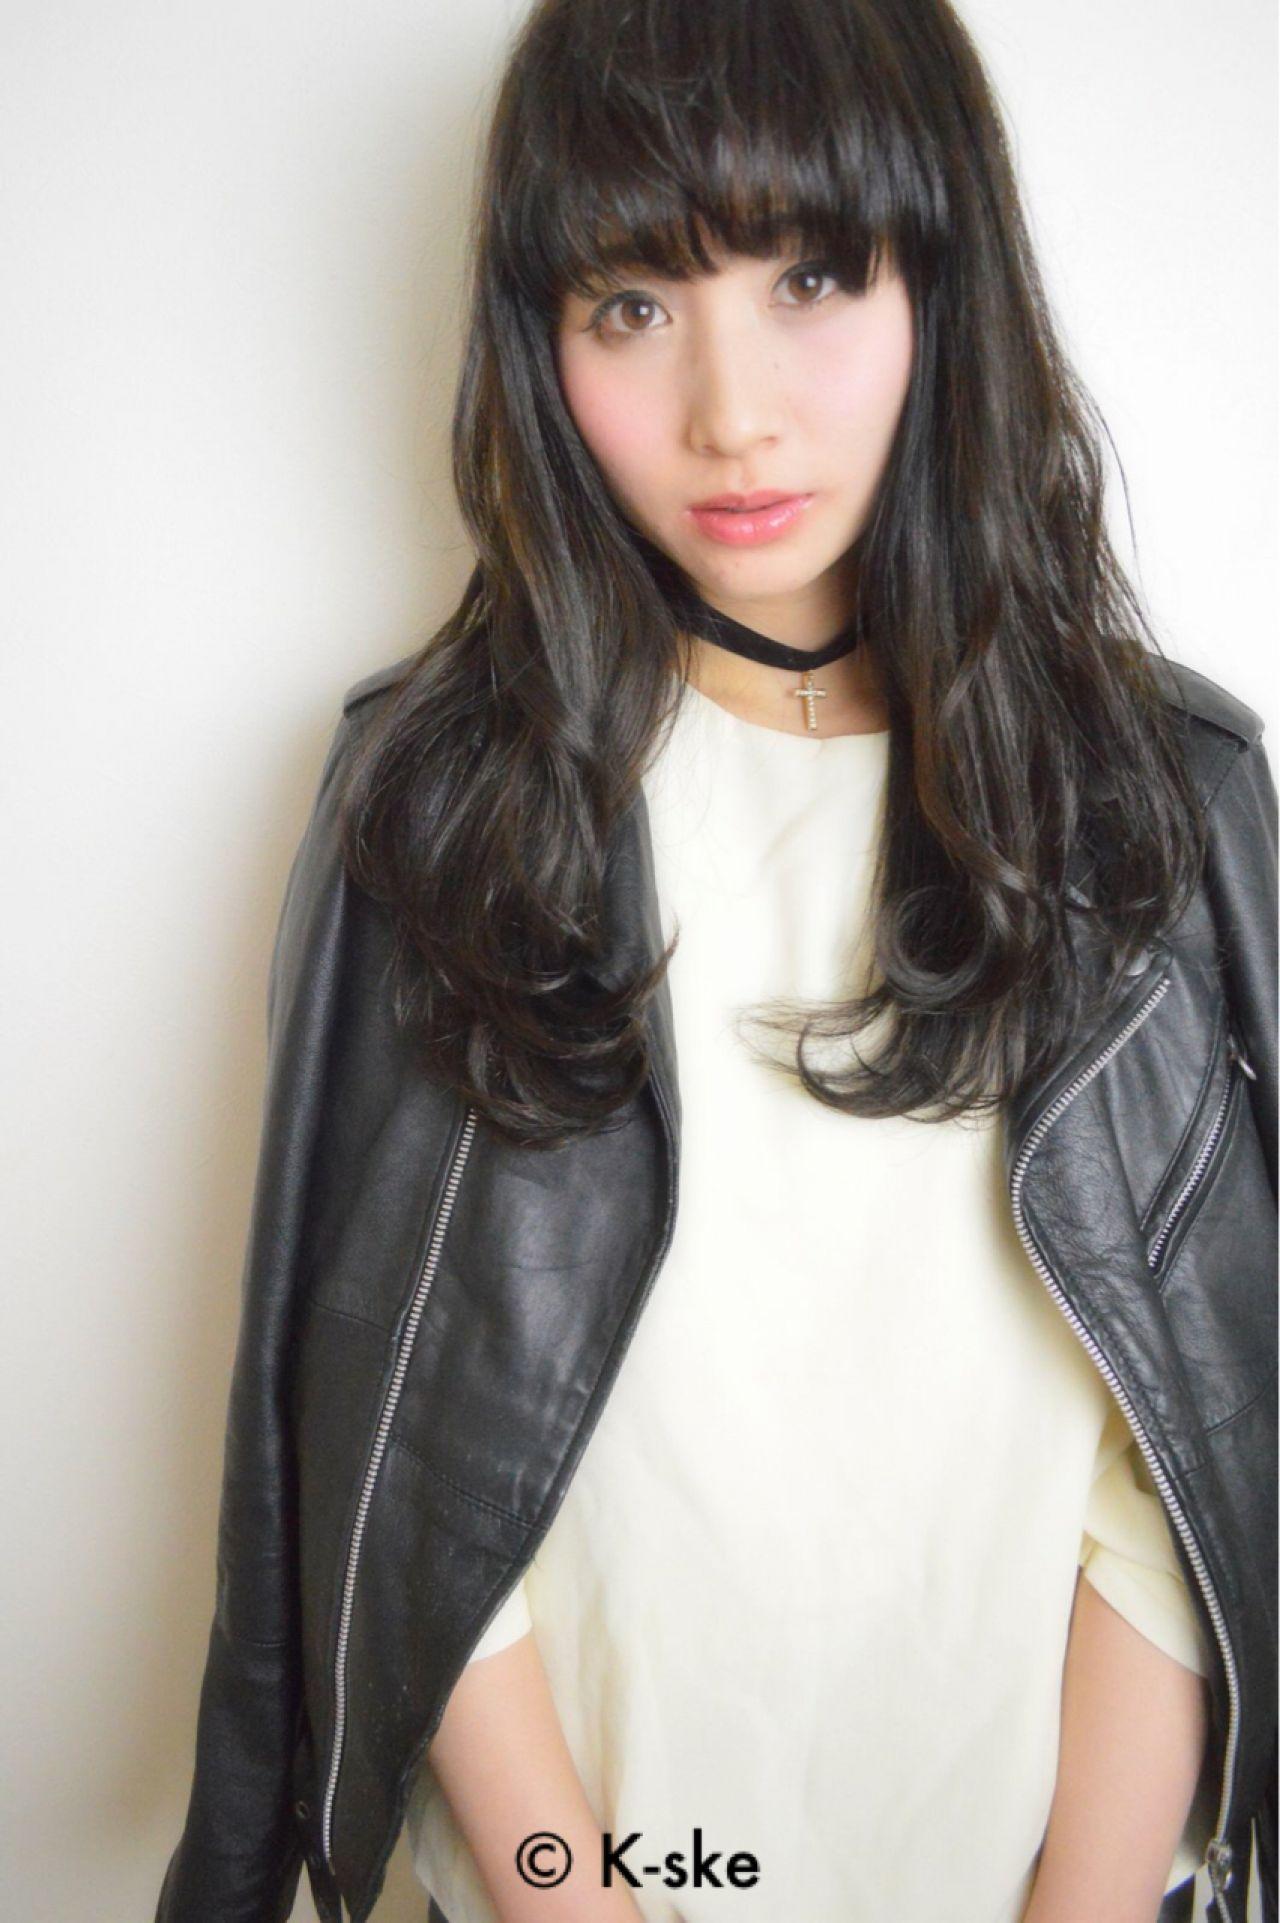 黒髪 暗髪 外国人風 ウェットヘア ヘアスタイルや髪型の写真・画像